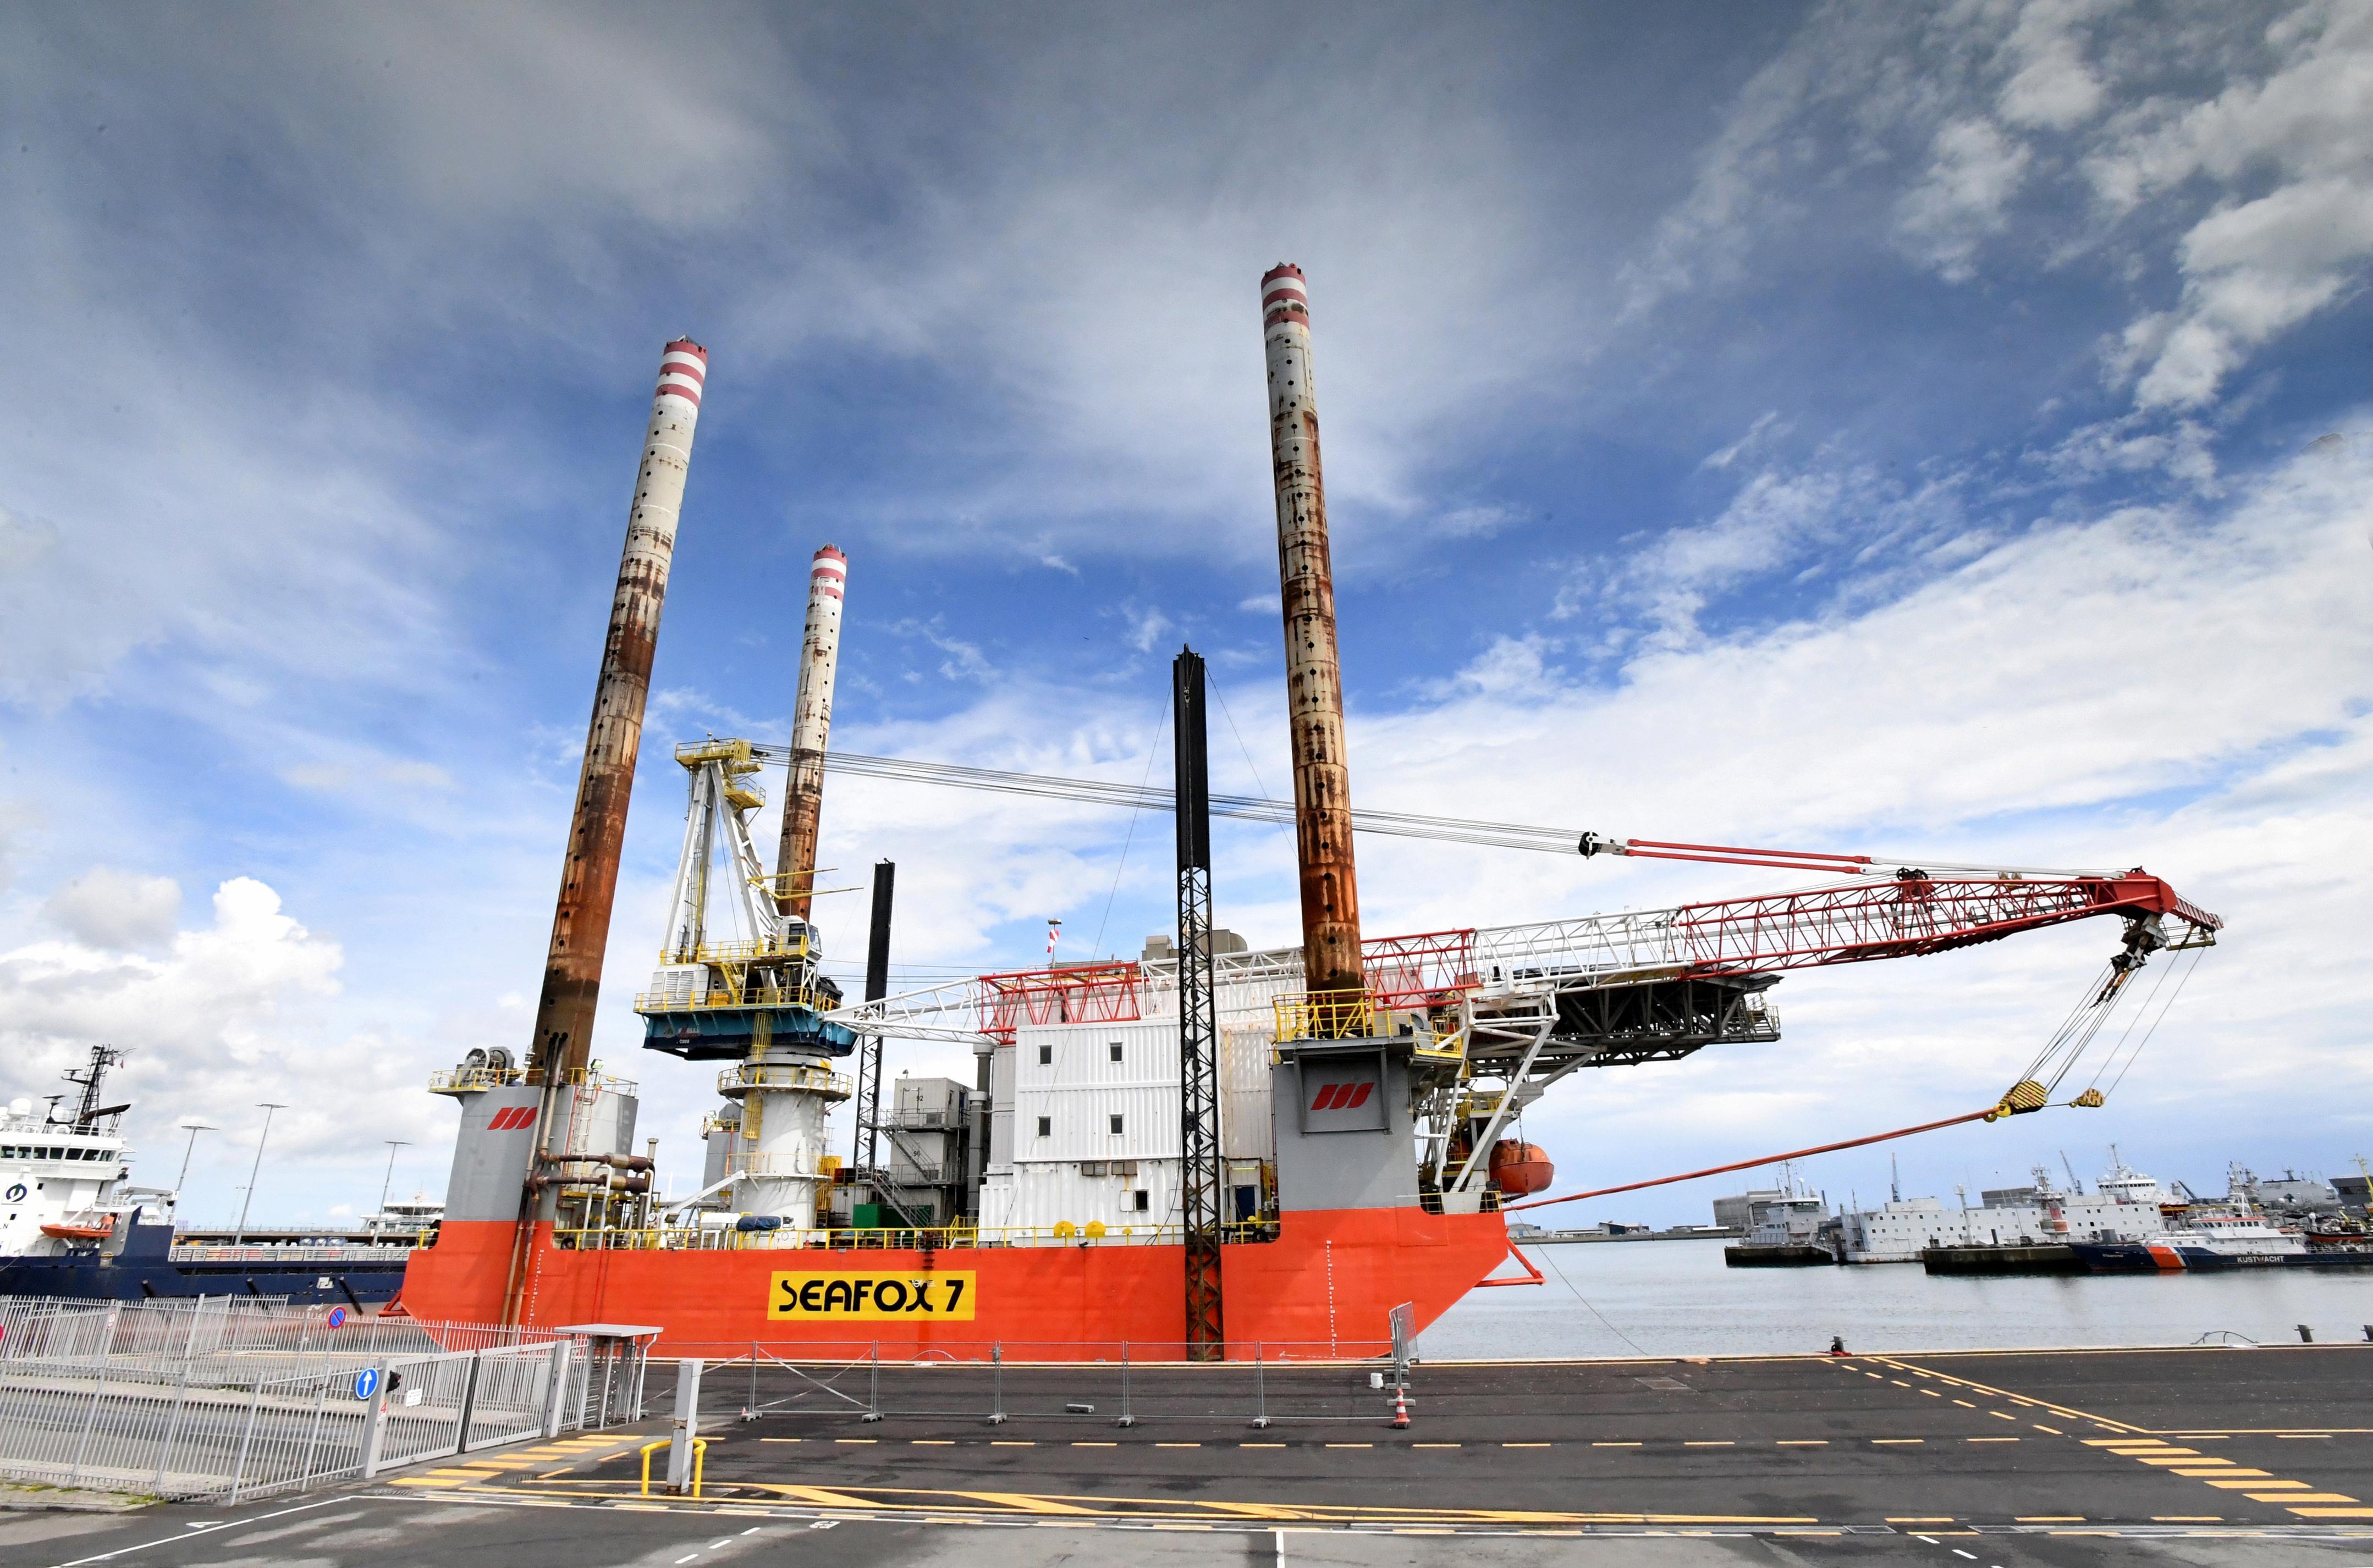 Tachtig meter hoog werkschip Seafox 7 bepaalt ruim een maand de skyline van Den Helder